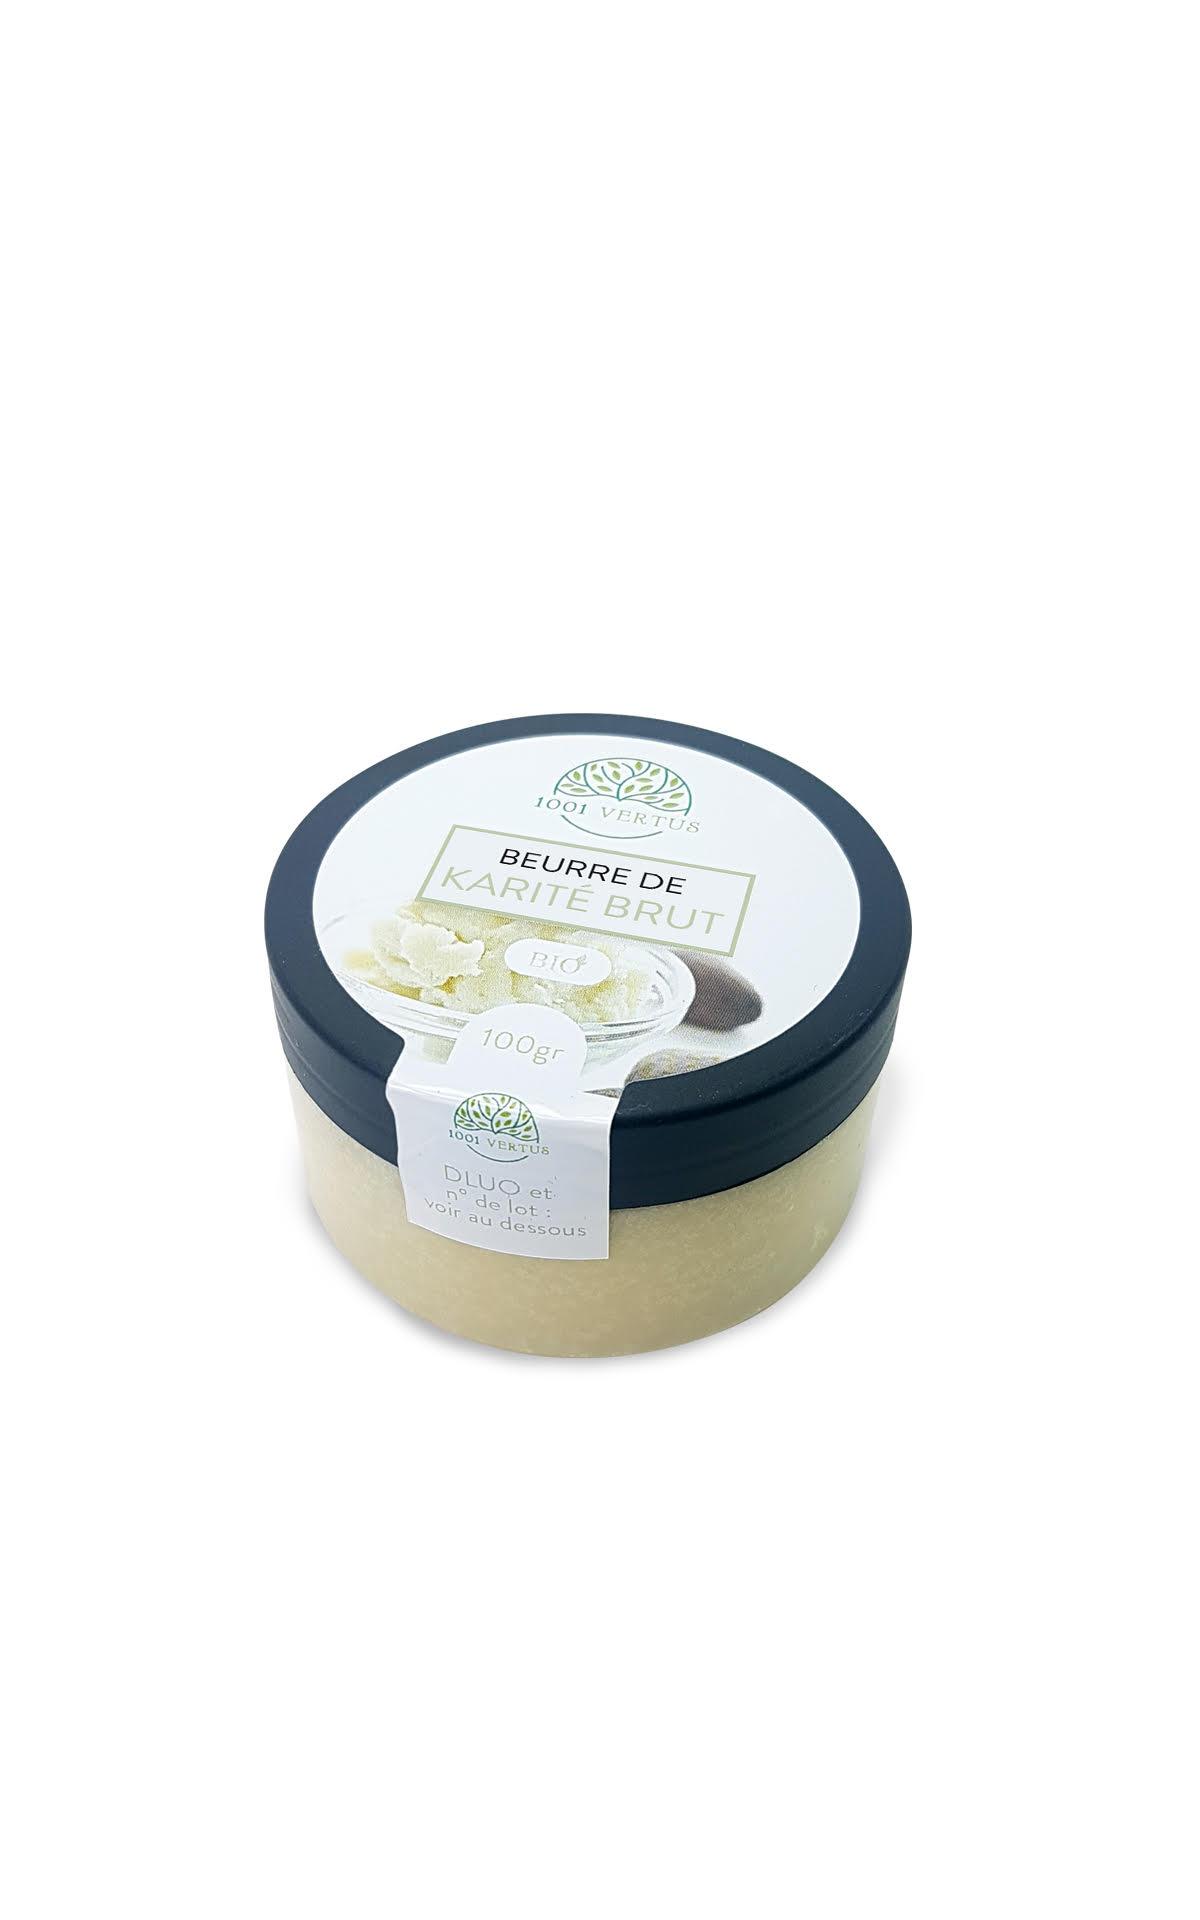 Beurre de karité brut et filtré, certifiée BIO et Écocert